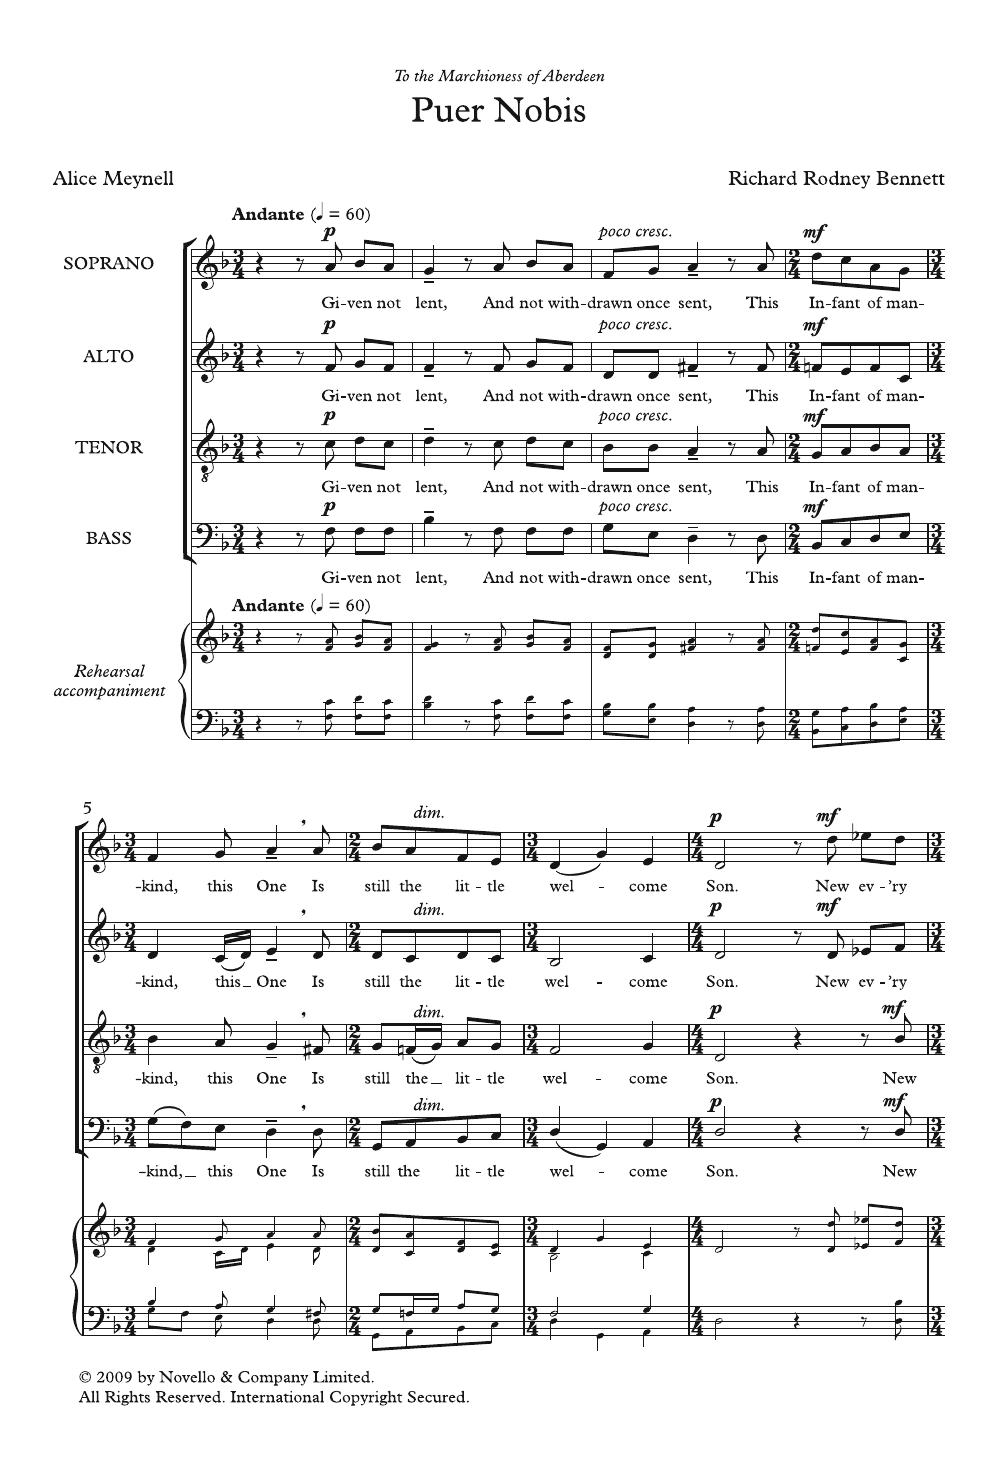 Puer Nobis Sheet Music